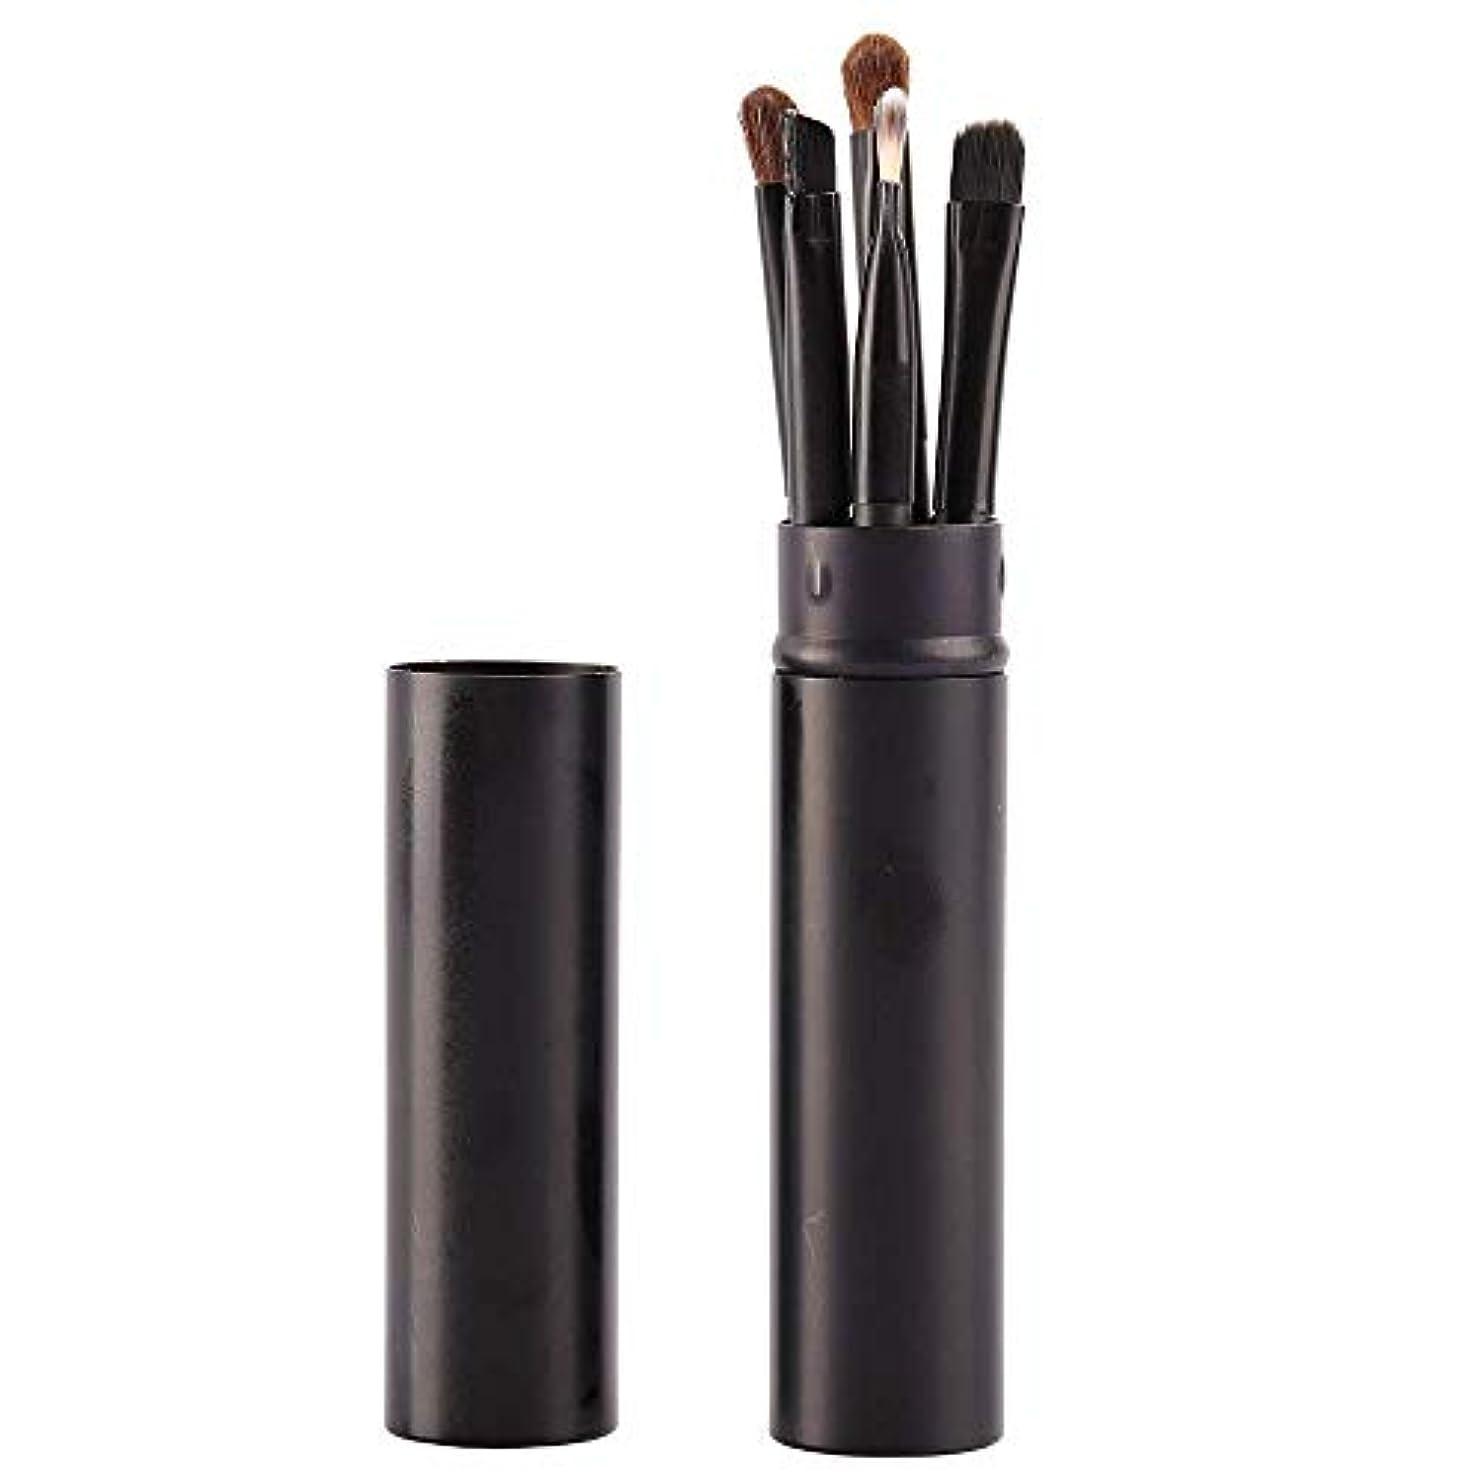 しわ絡み合い見分ける化粧ブラシ ドゥケア 化粧筆 高級天然毛 アイシャドウブラシ 携帯5点セット化粧ブラシホルダー (ブラック)